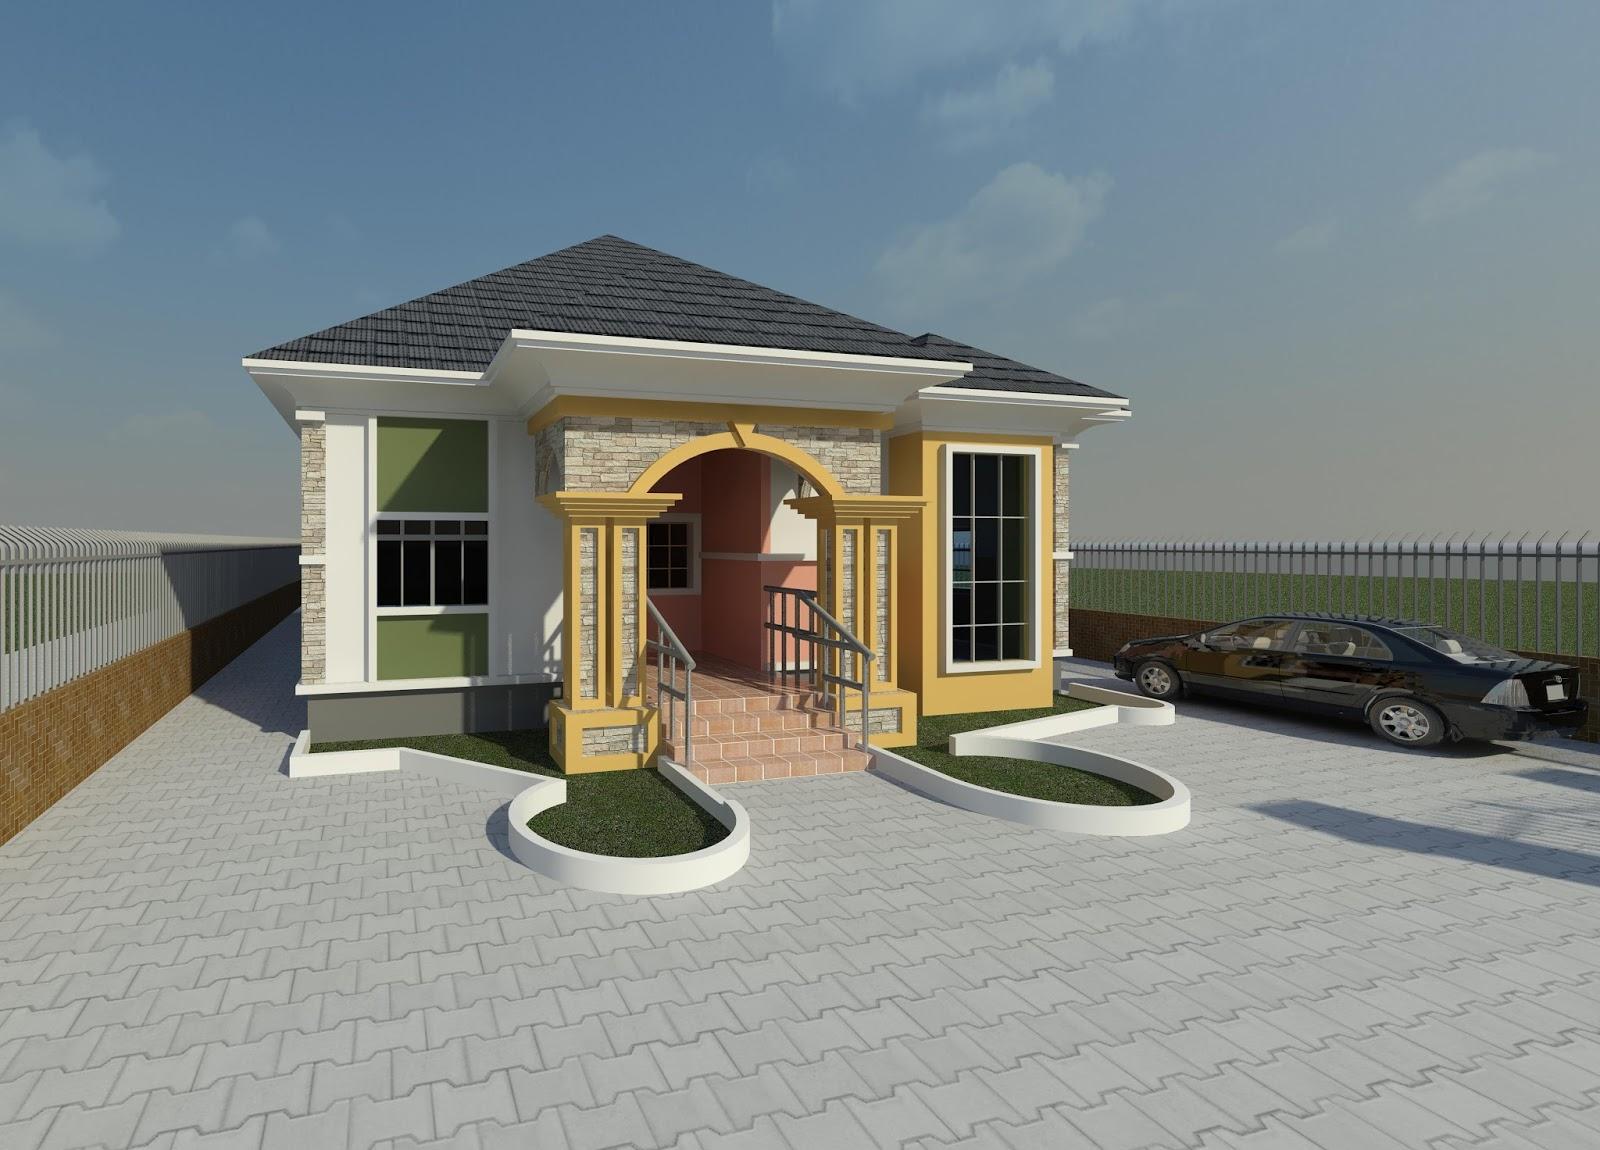 architectural design landscapping 3d modeling interior design